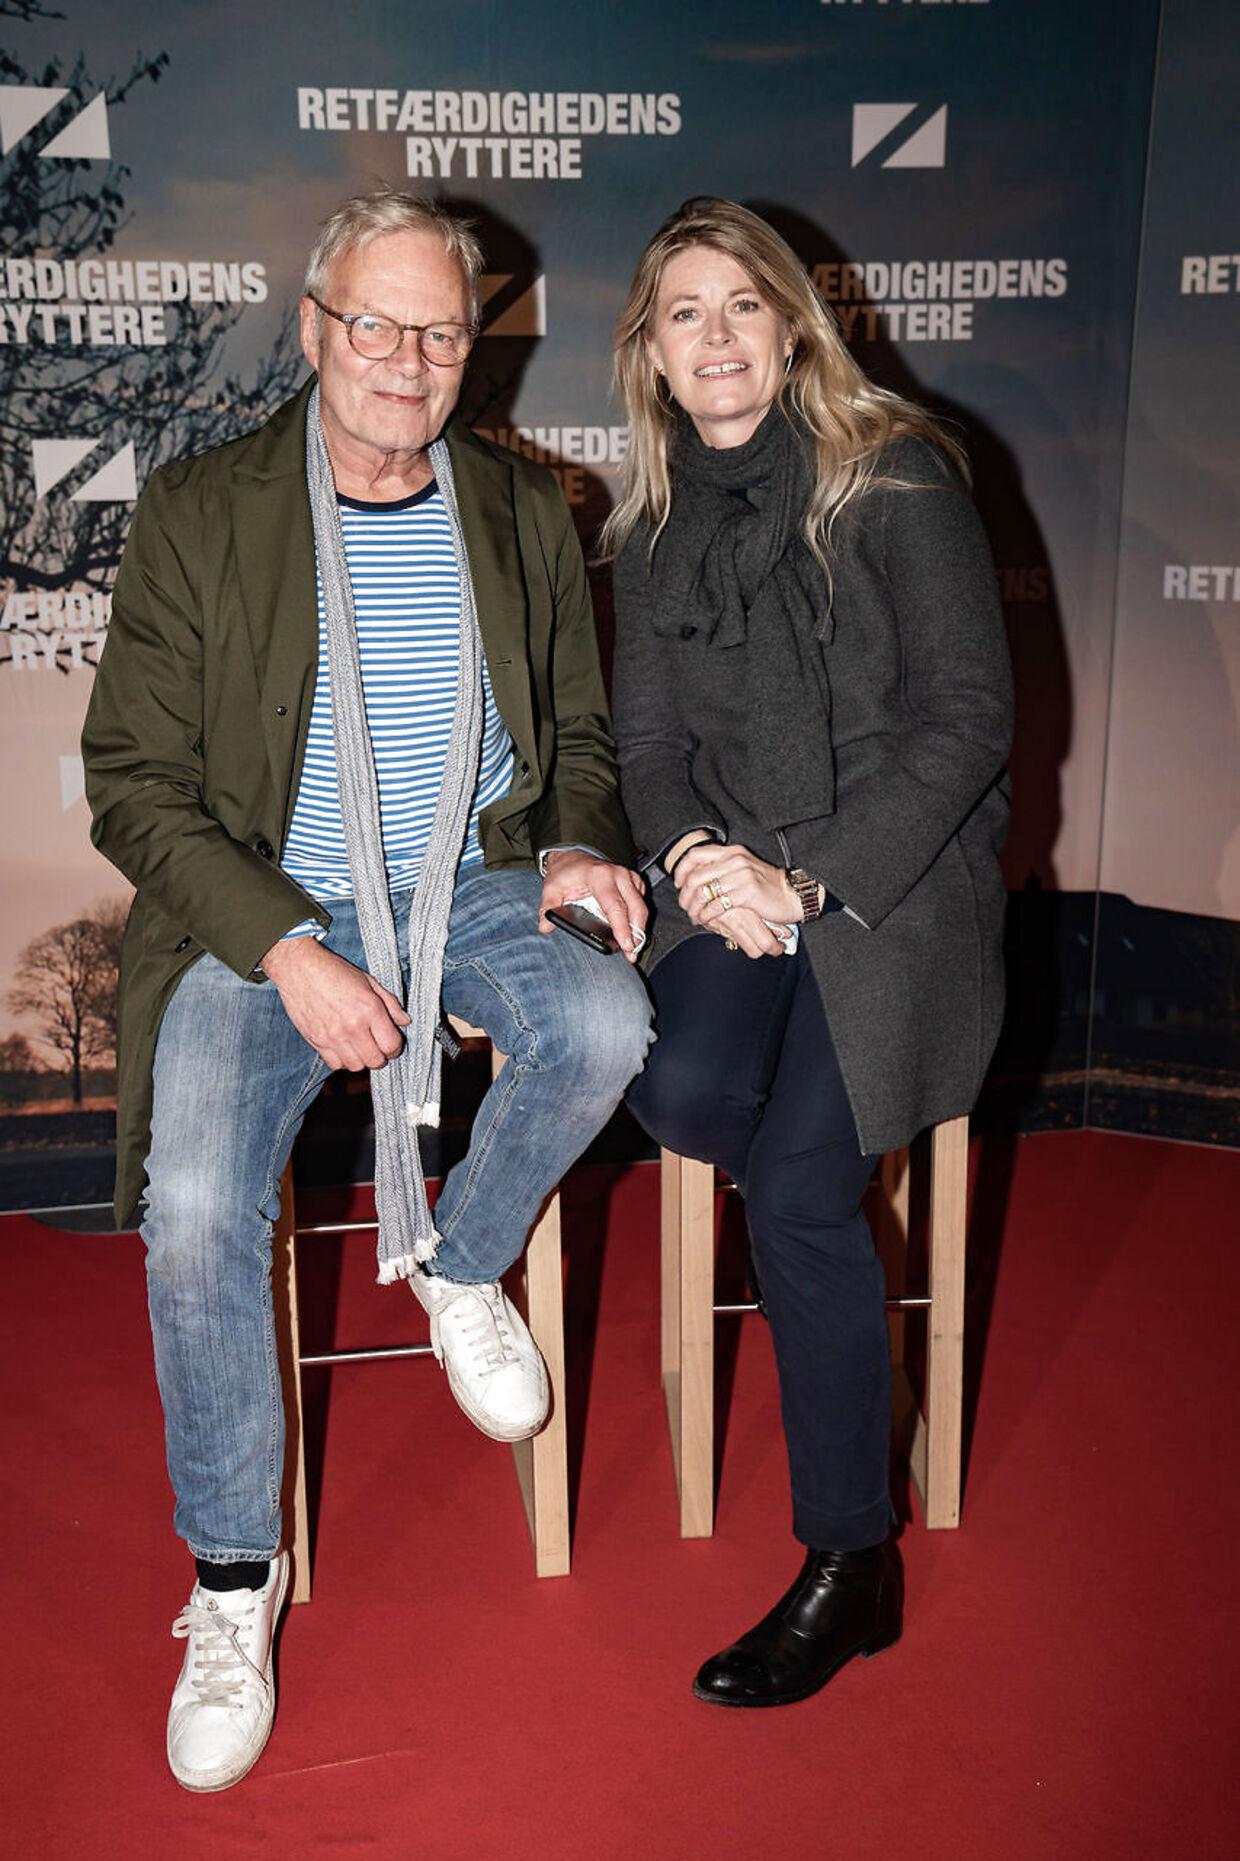 Jarl Friis Mikkelsen og Susanne Pehrsson til gallapremieren på komedien 'Retfærdighedens ryttere' i Imperial i København onsdag den 18. november 2020. Foto: Emil Helms/Ritzau Scanpix.